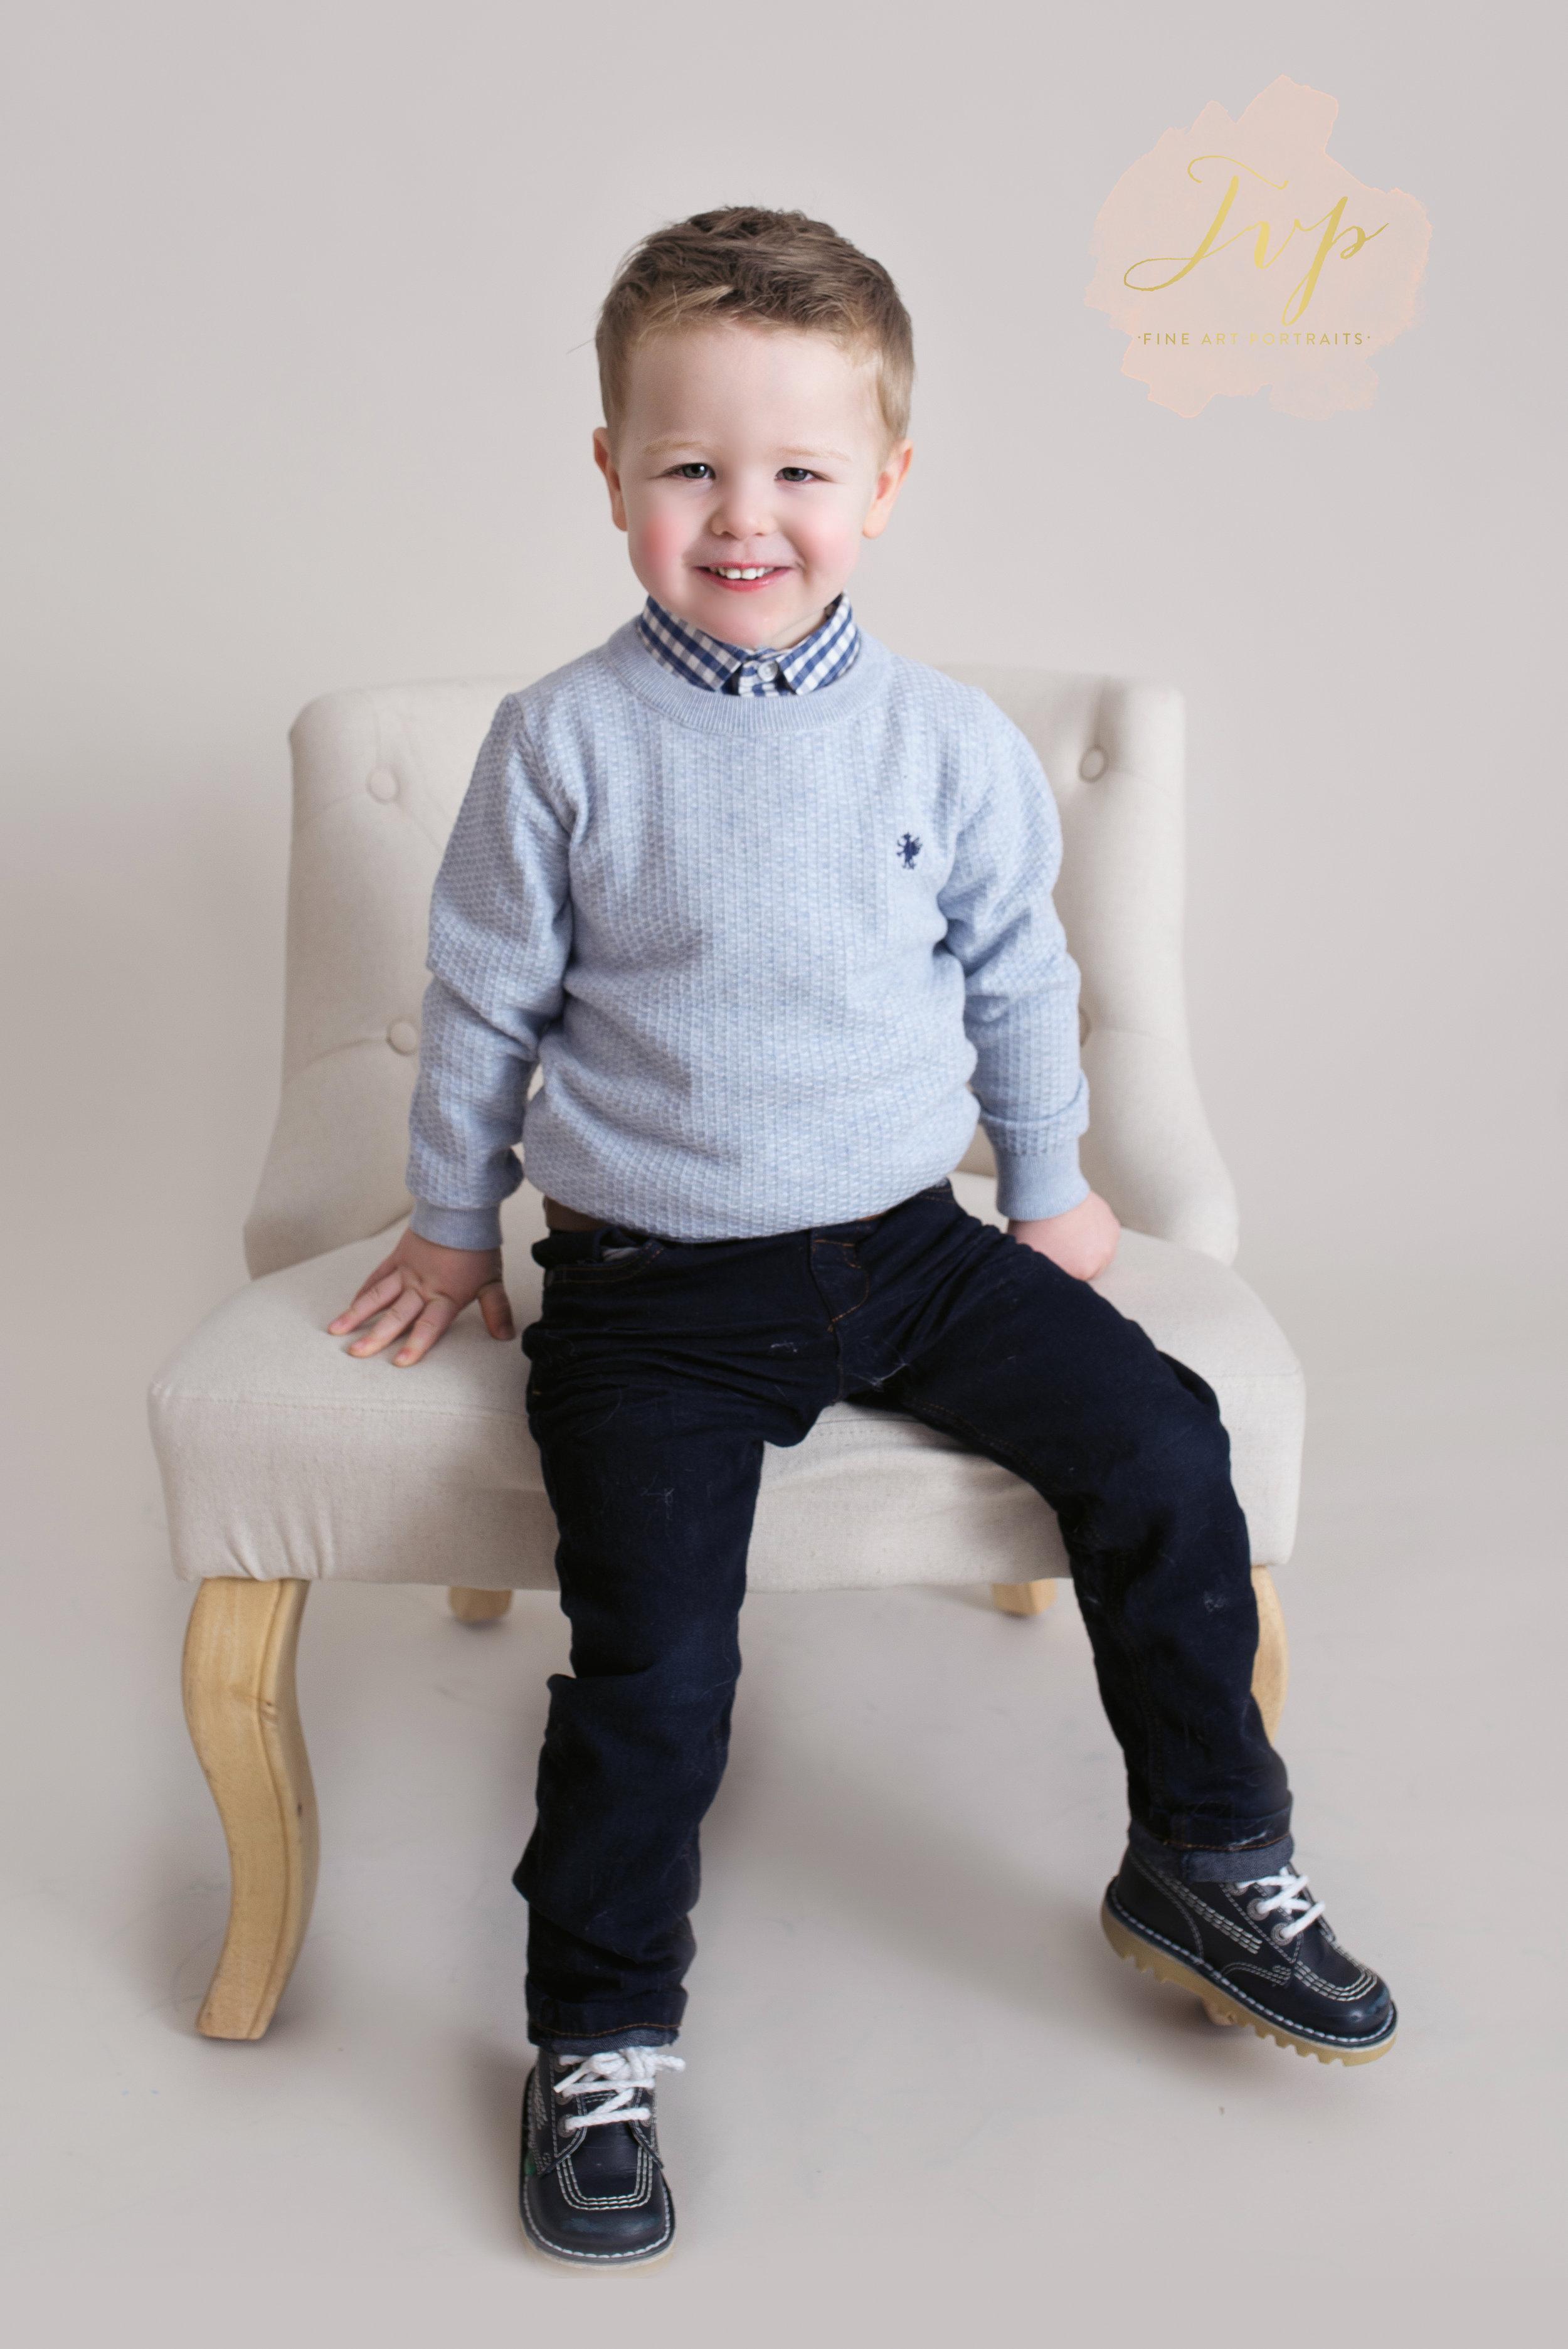 boy-on-chair-family-photographer-glasgow